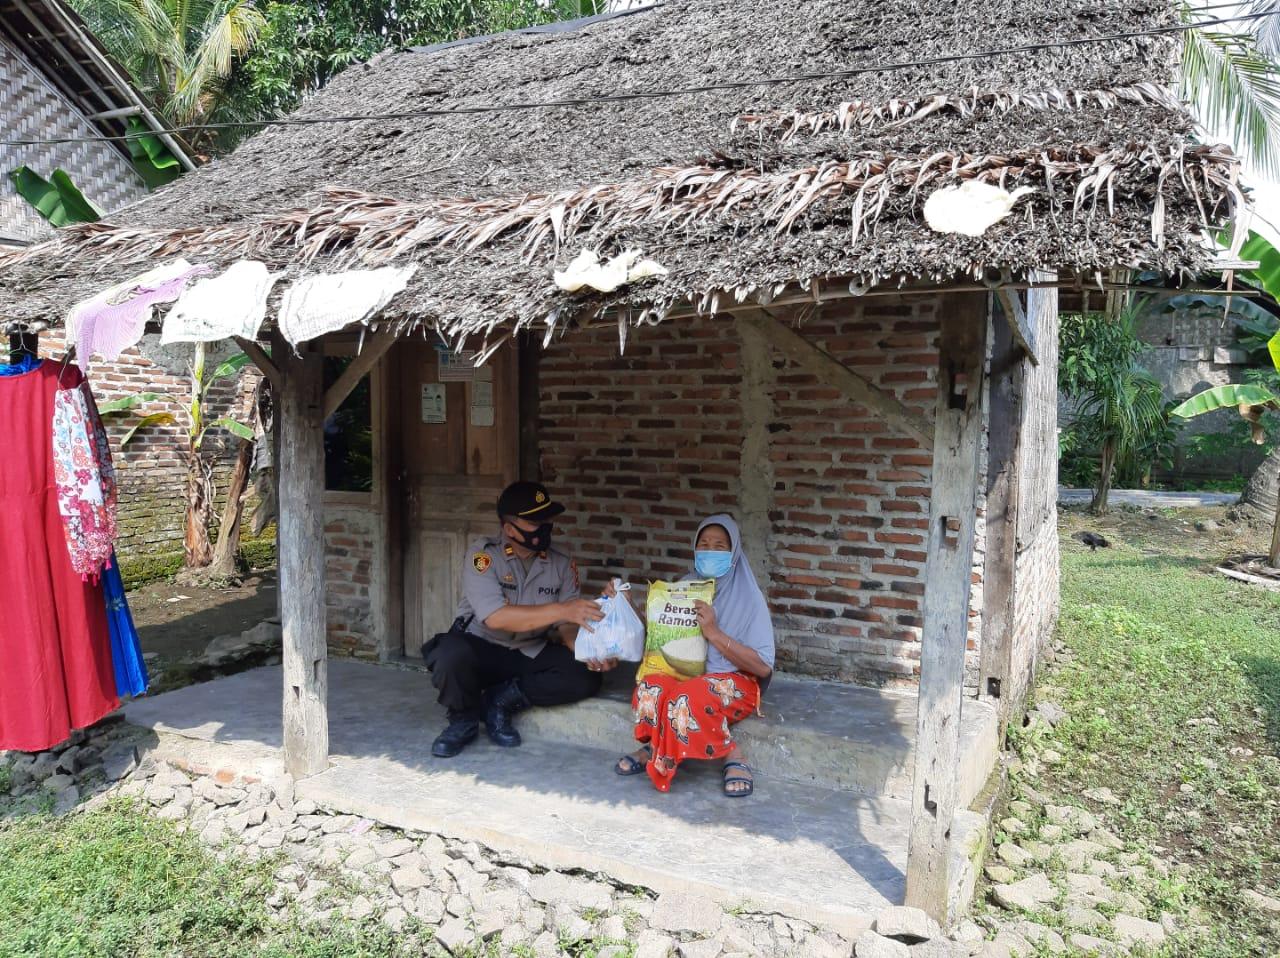 Gambar Peduli Masyarakat Dampak Covid-19, Polsek Padarincang Bagikan Bantuan Sembako 13